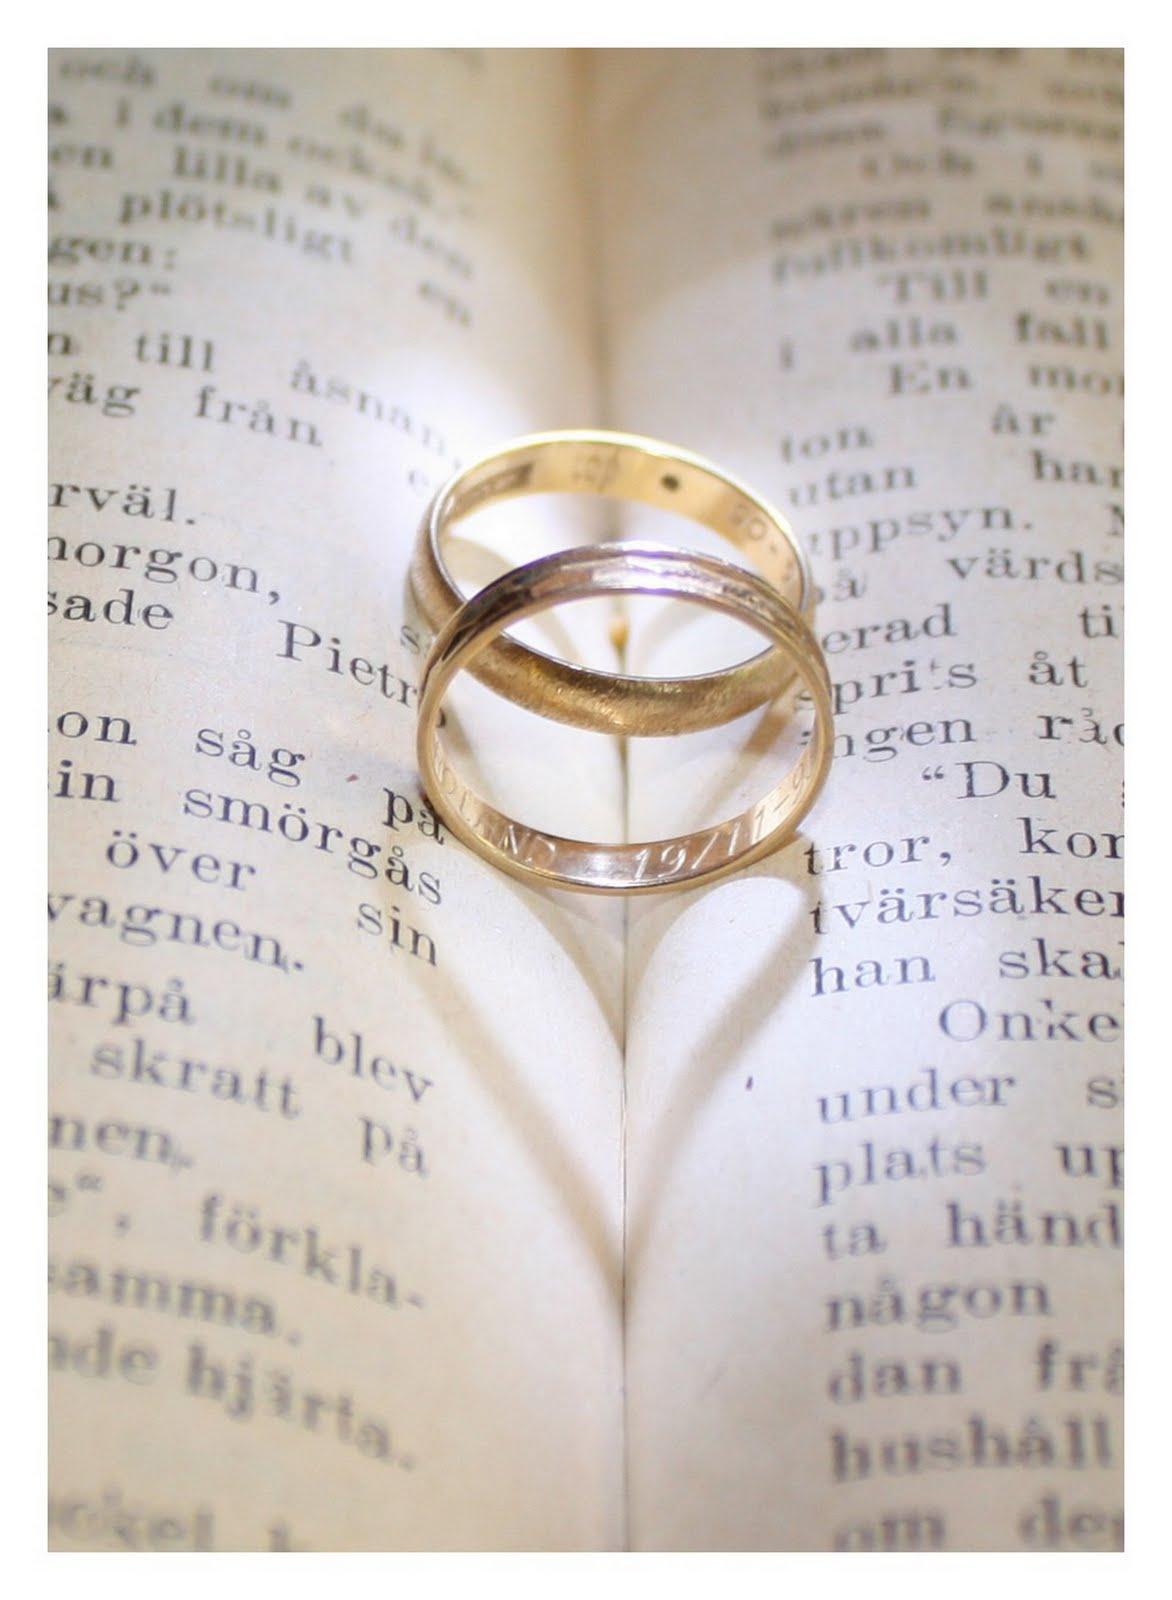 grattis för bröllopet Långt borta och nära: Bröllopet grattis för bröllopet